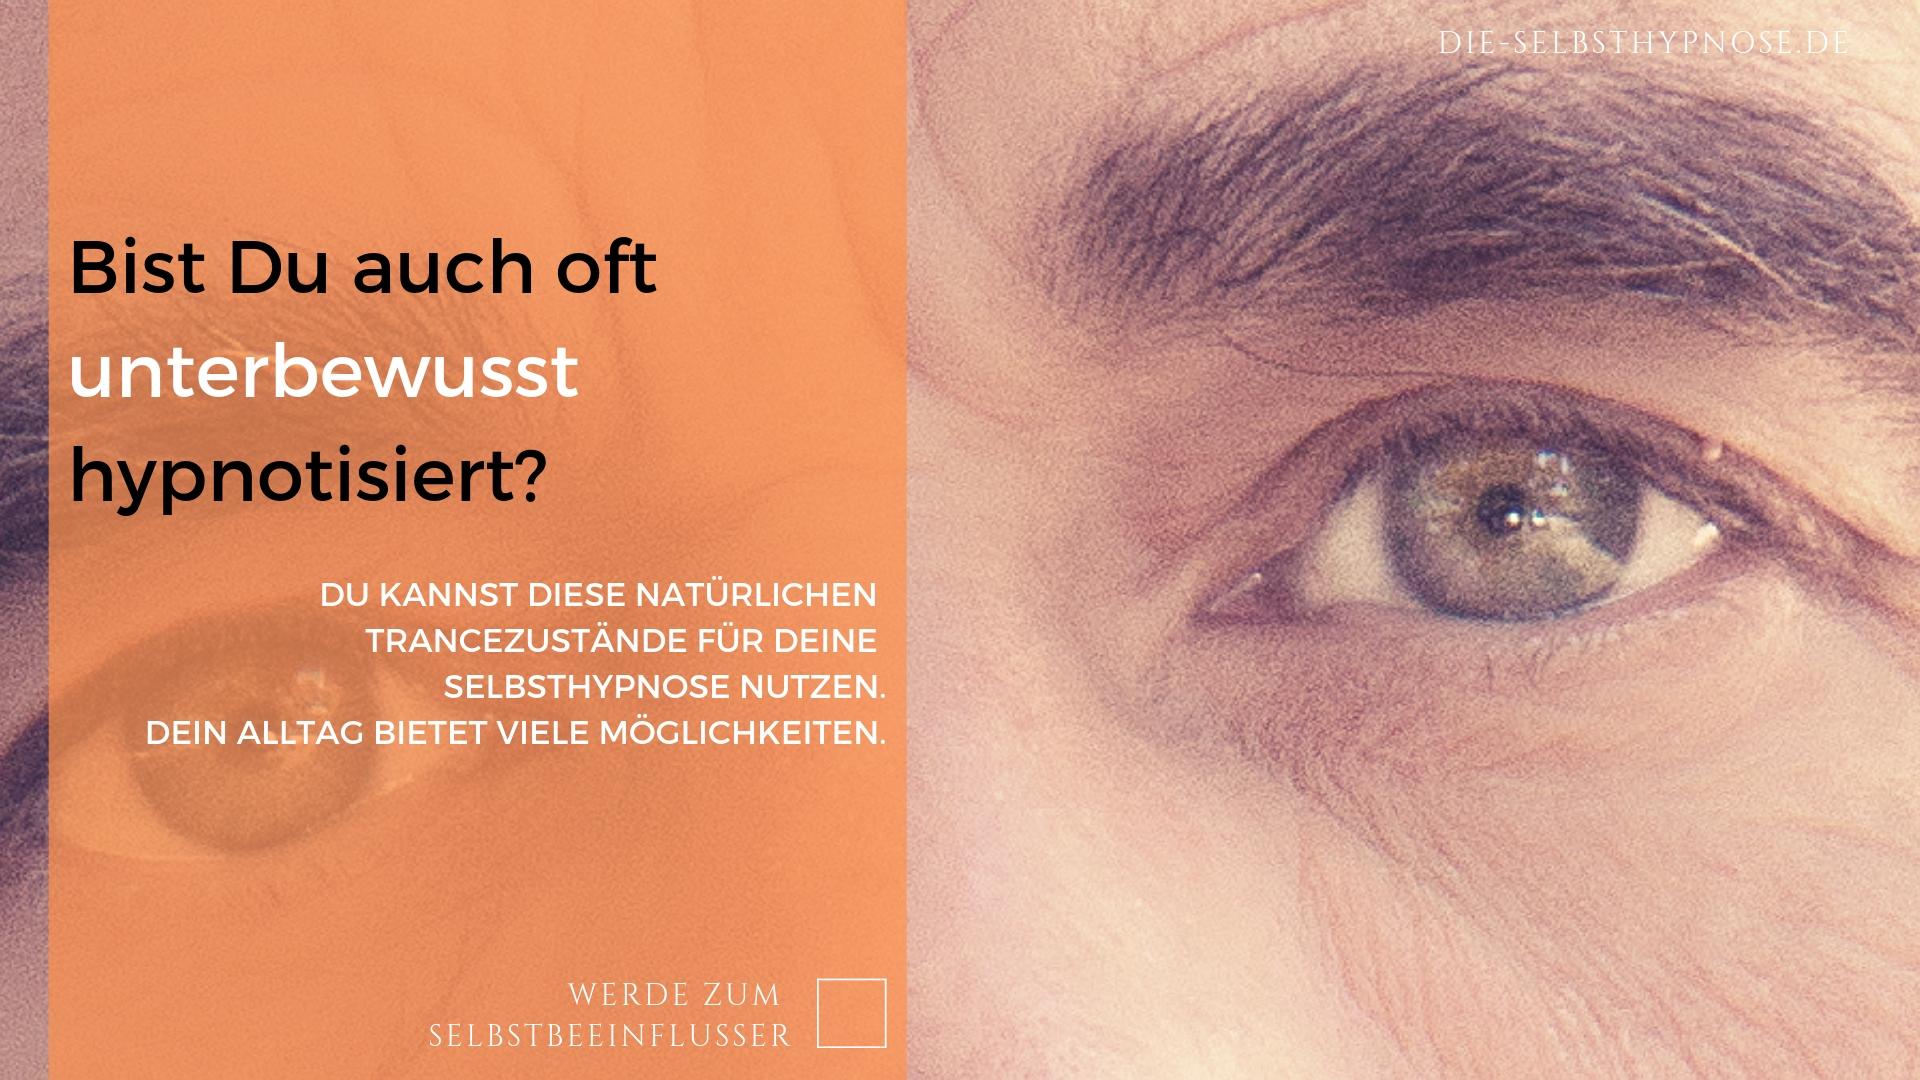 Bist Du auch oft unterbewusst hypnotisiert?